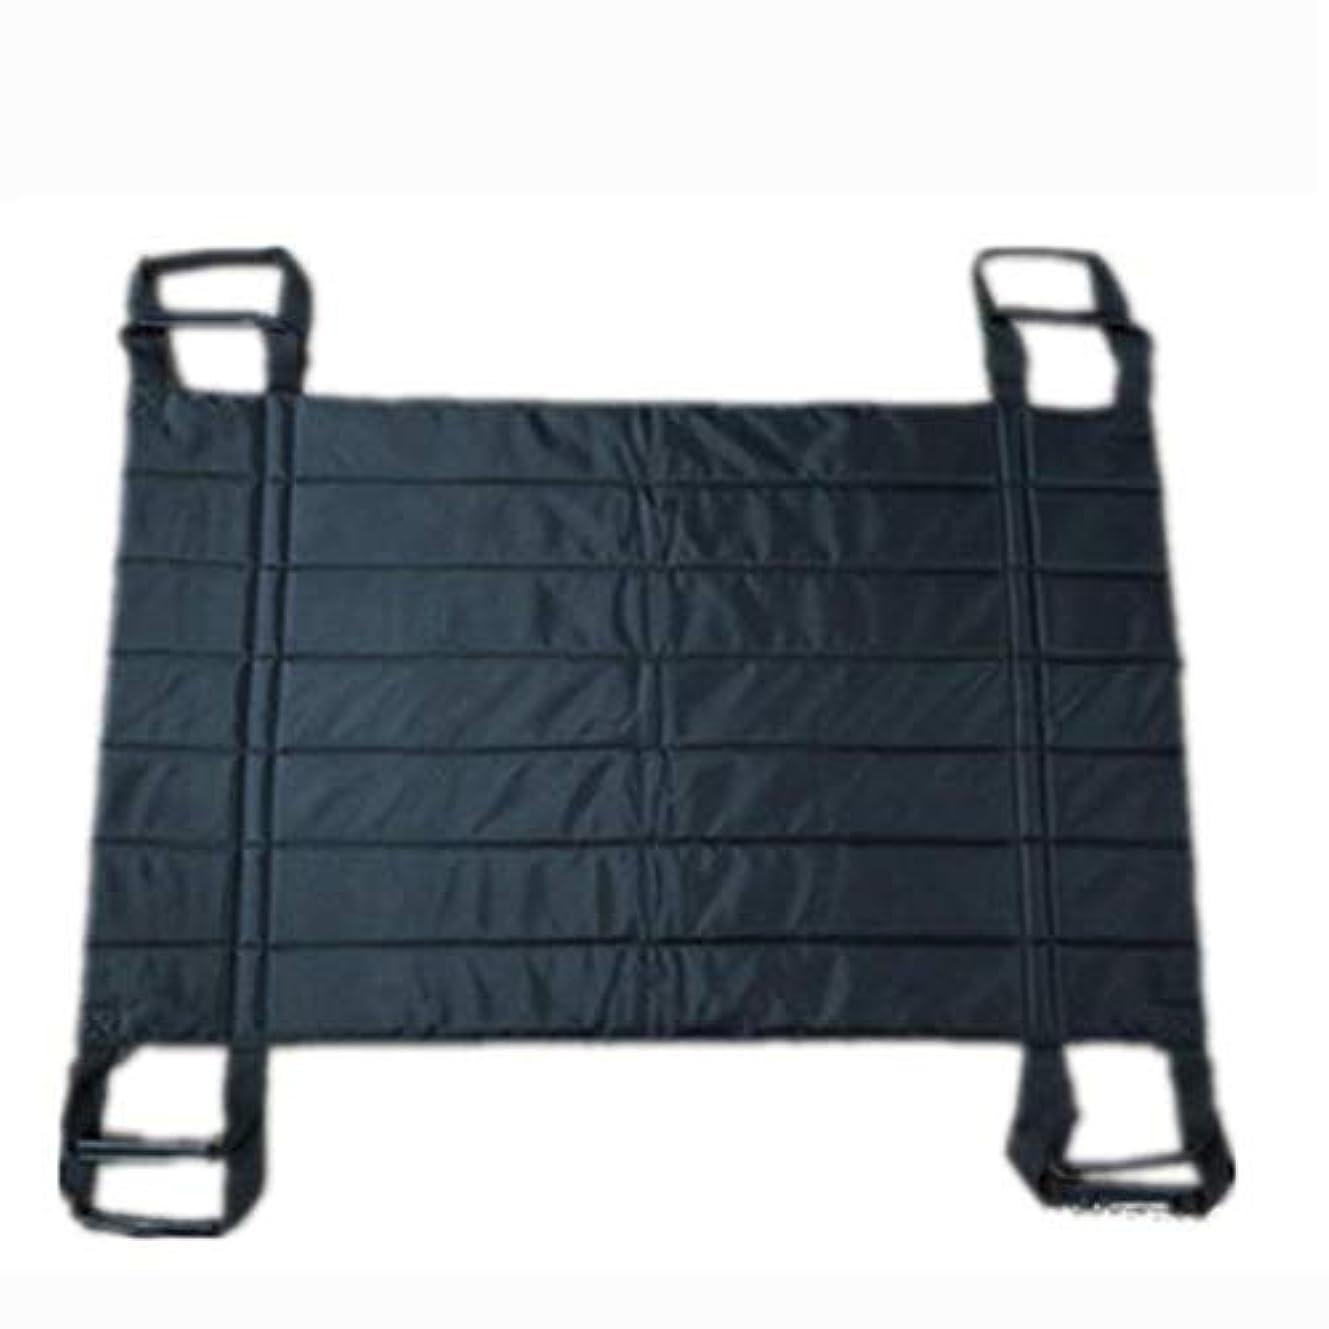 突進蛇行価格トランスファーボードベルト車椅子スライド式メディカルリフティングスリングターナー患者ケア安全移動補助器具